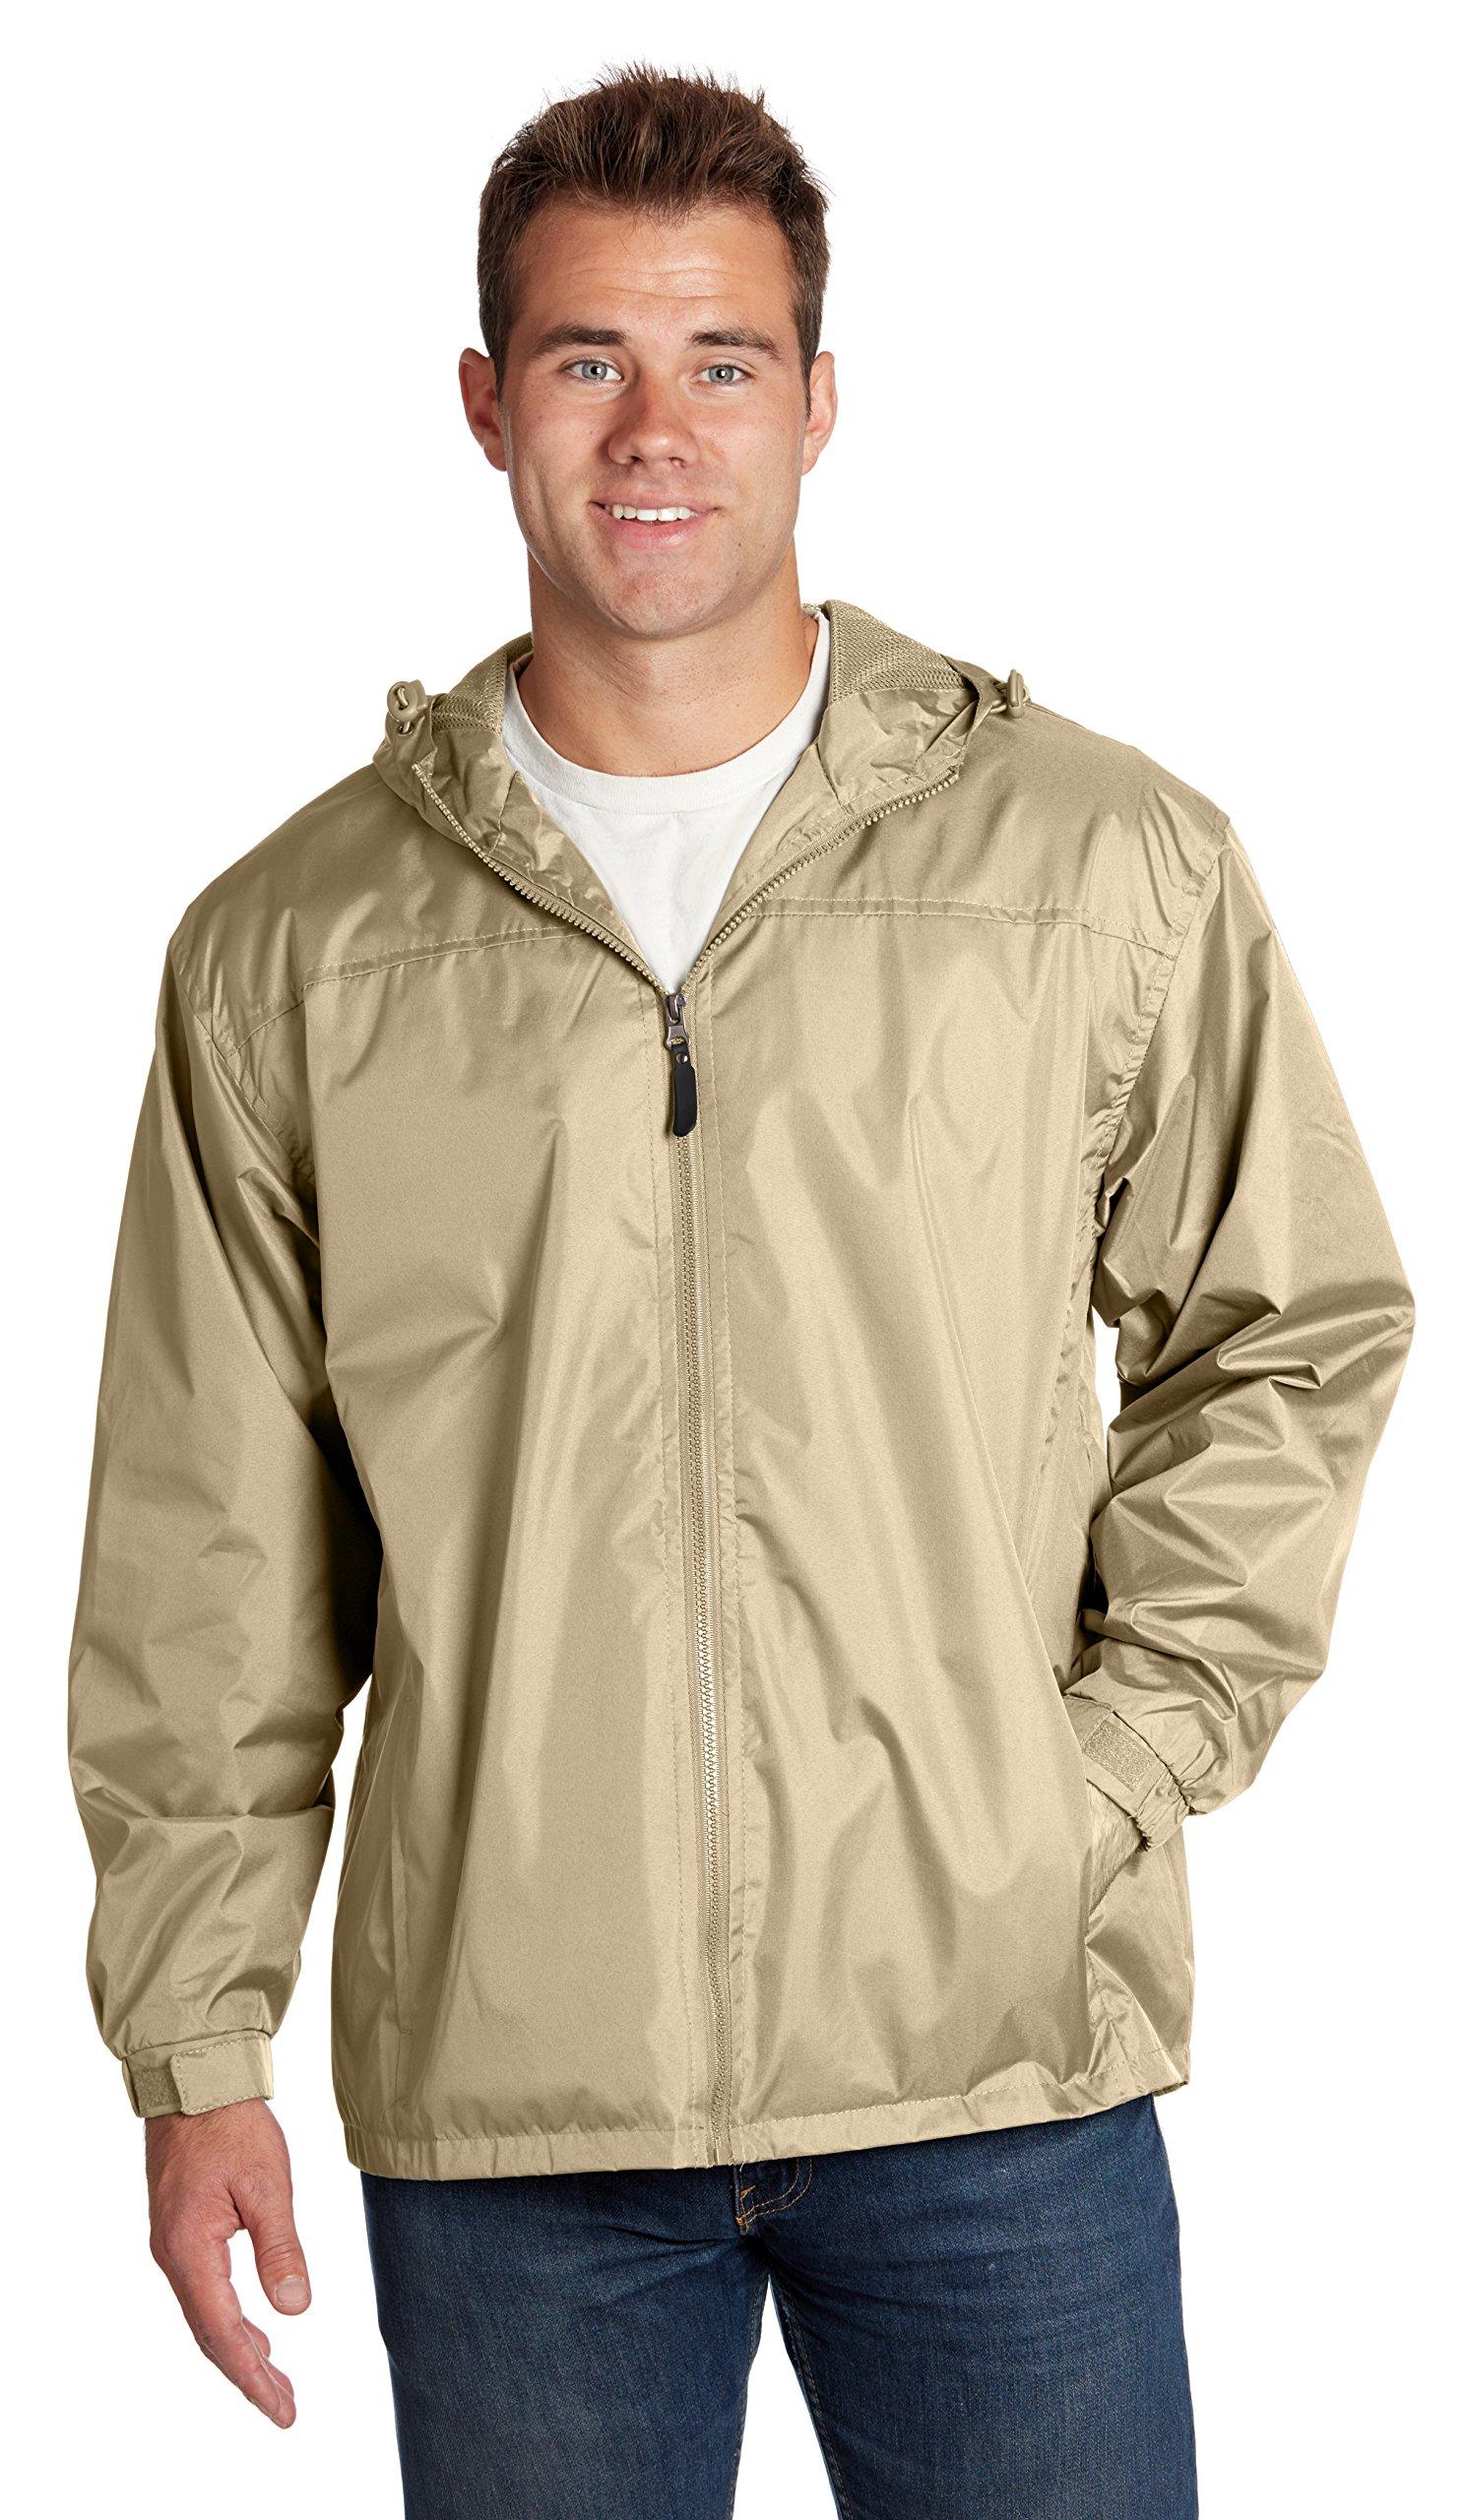 Equipment De Sport USA Men's Lined Hooded Wind Resistant/Water Repellent Windbreaker Jacket